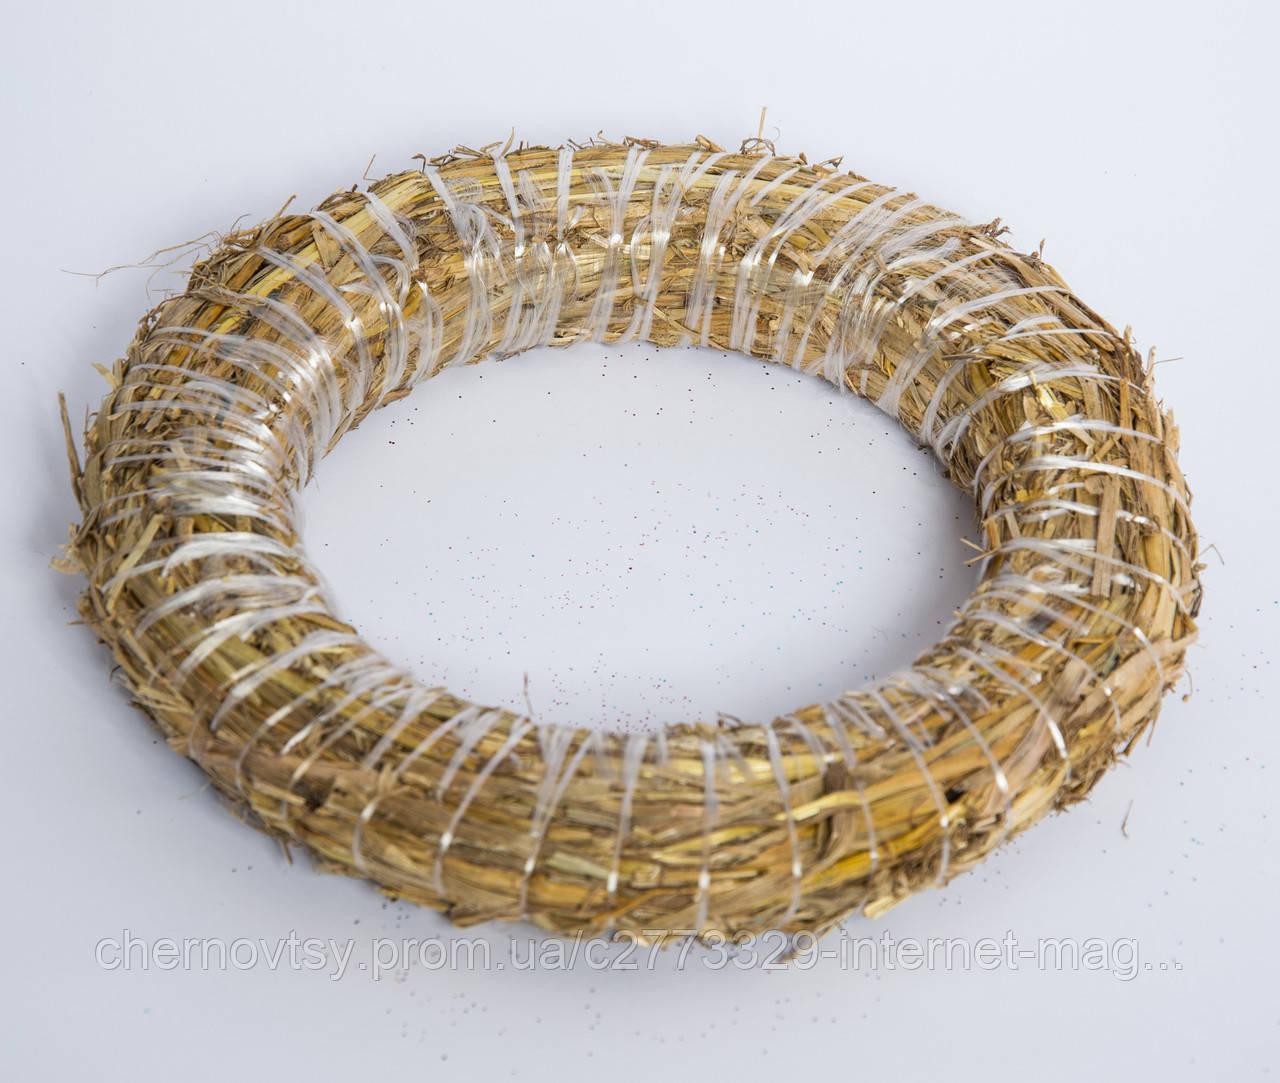 Кольцо-основа для новогоднего веночка 25 см, из натурального сена